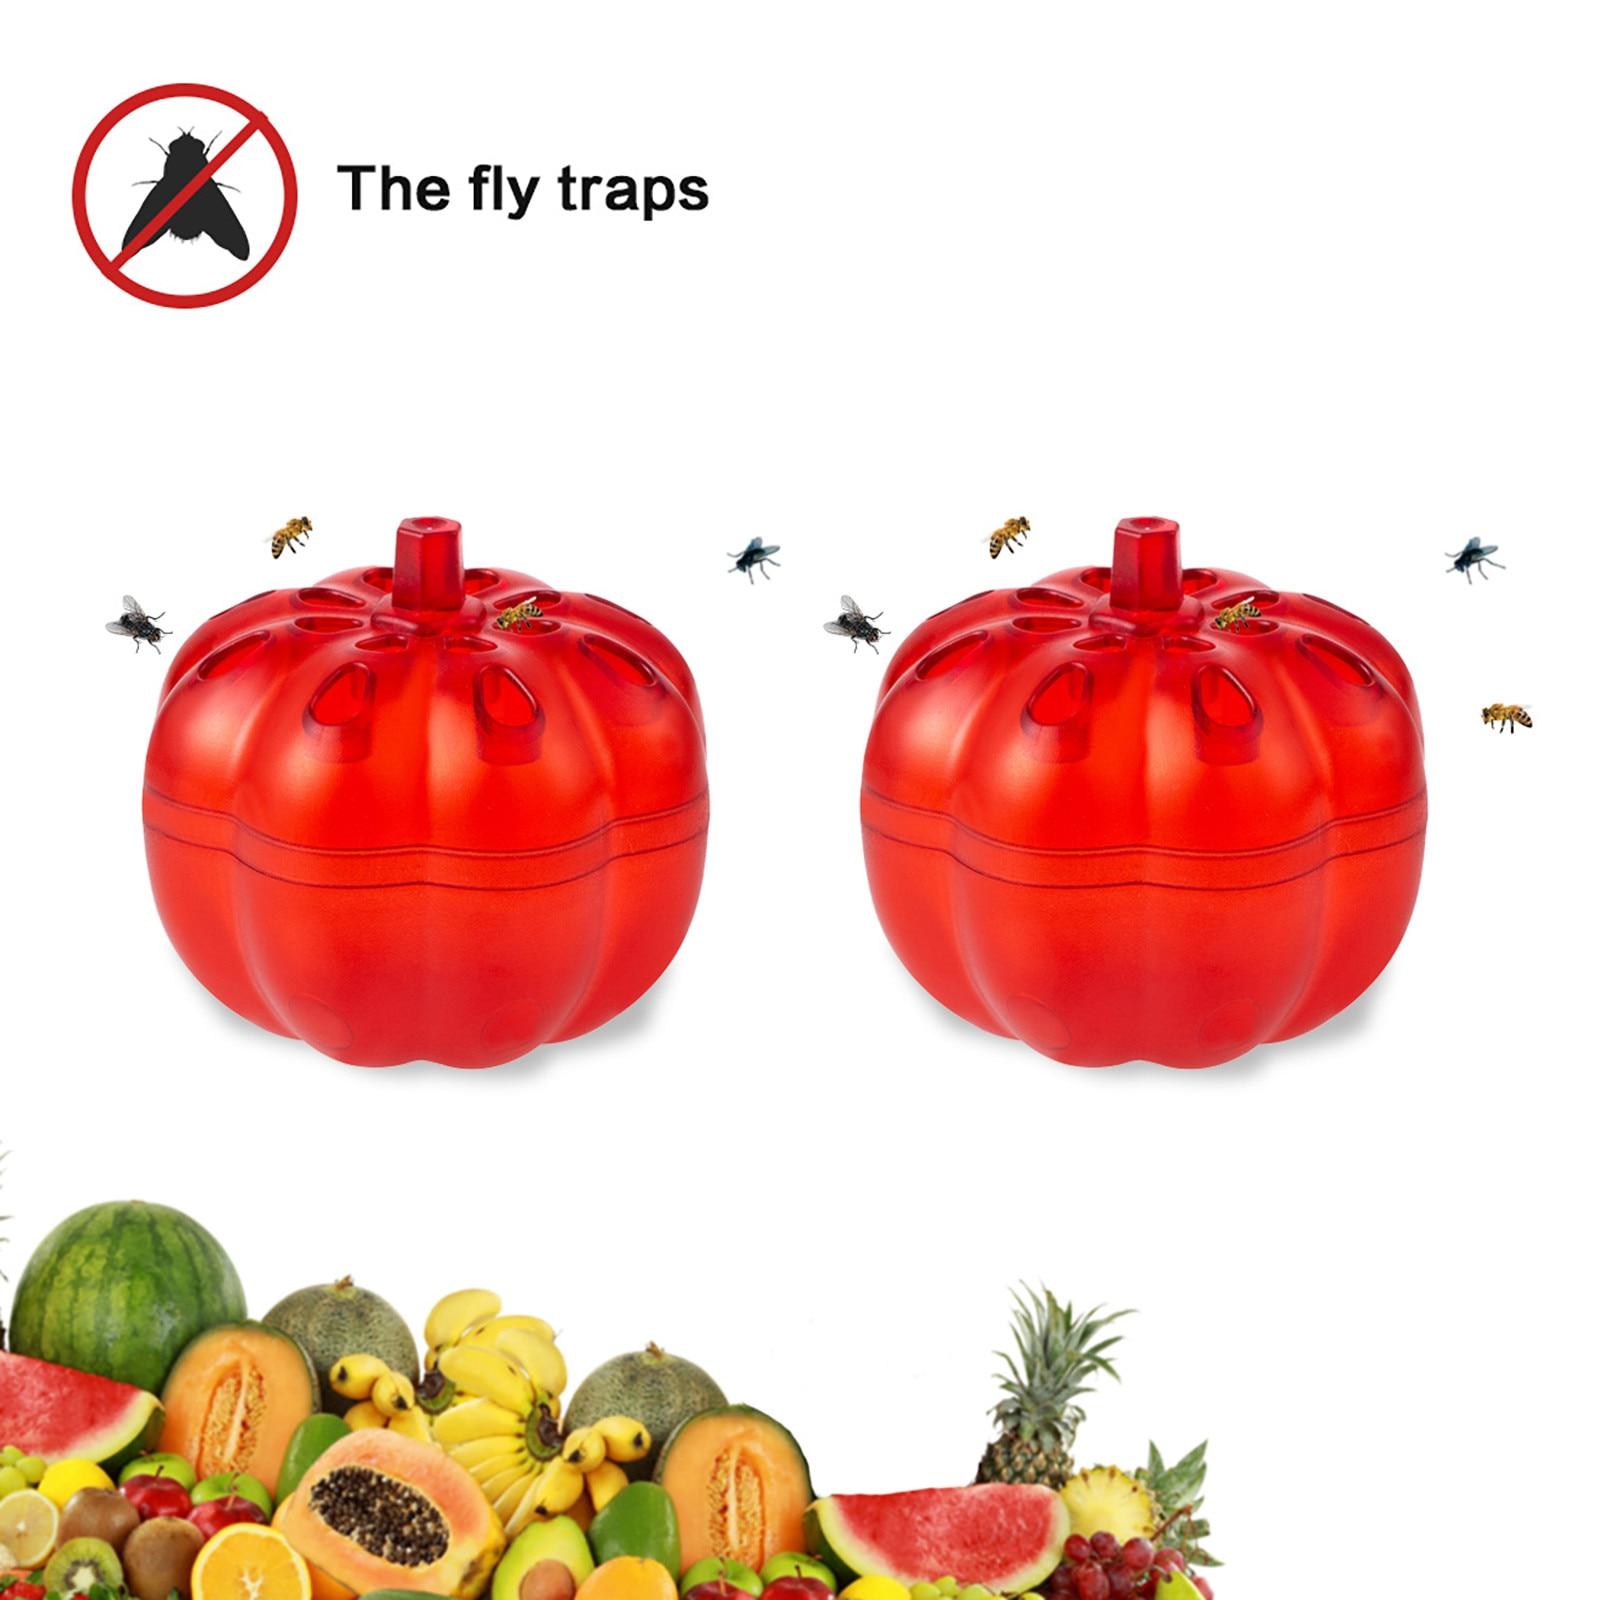 Ловушка для насекомых и фруктов, маленькая ловушка для насекомых с тыквой, без лекарств, ловушка для насекомых, подвесная ловушка для меда, с...